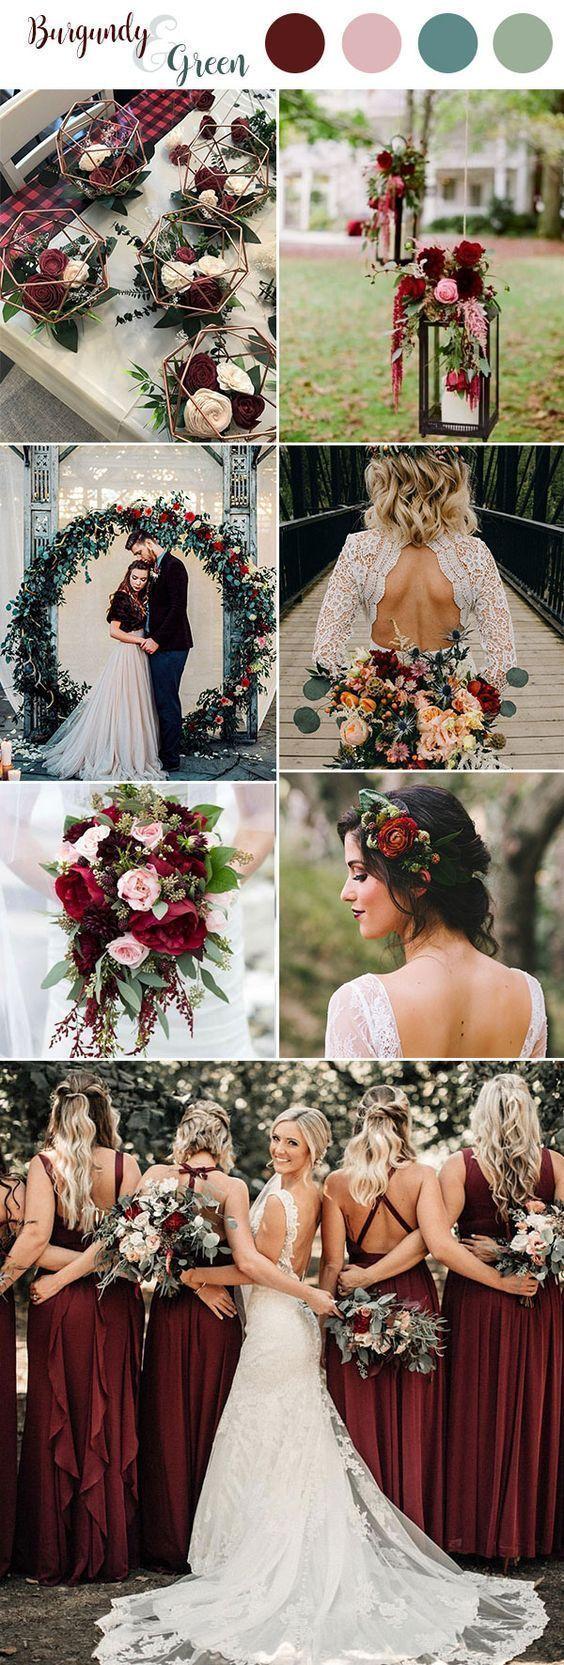 Neueste Keine Kosten 100+ Marsala / Burgunder Farbkombinationen für Hochzeiten ...#burgunder #farbkombinationen #für #hochzeiten #keine #kosten #marsala #neueste